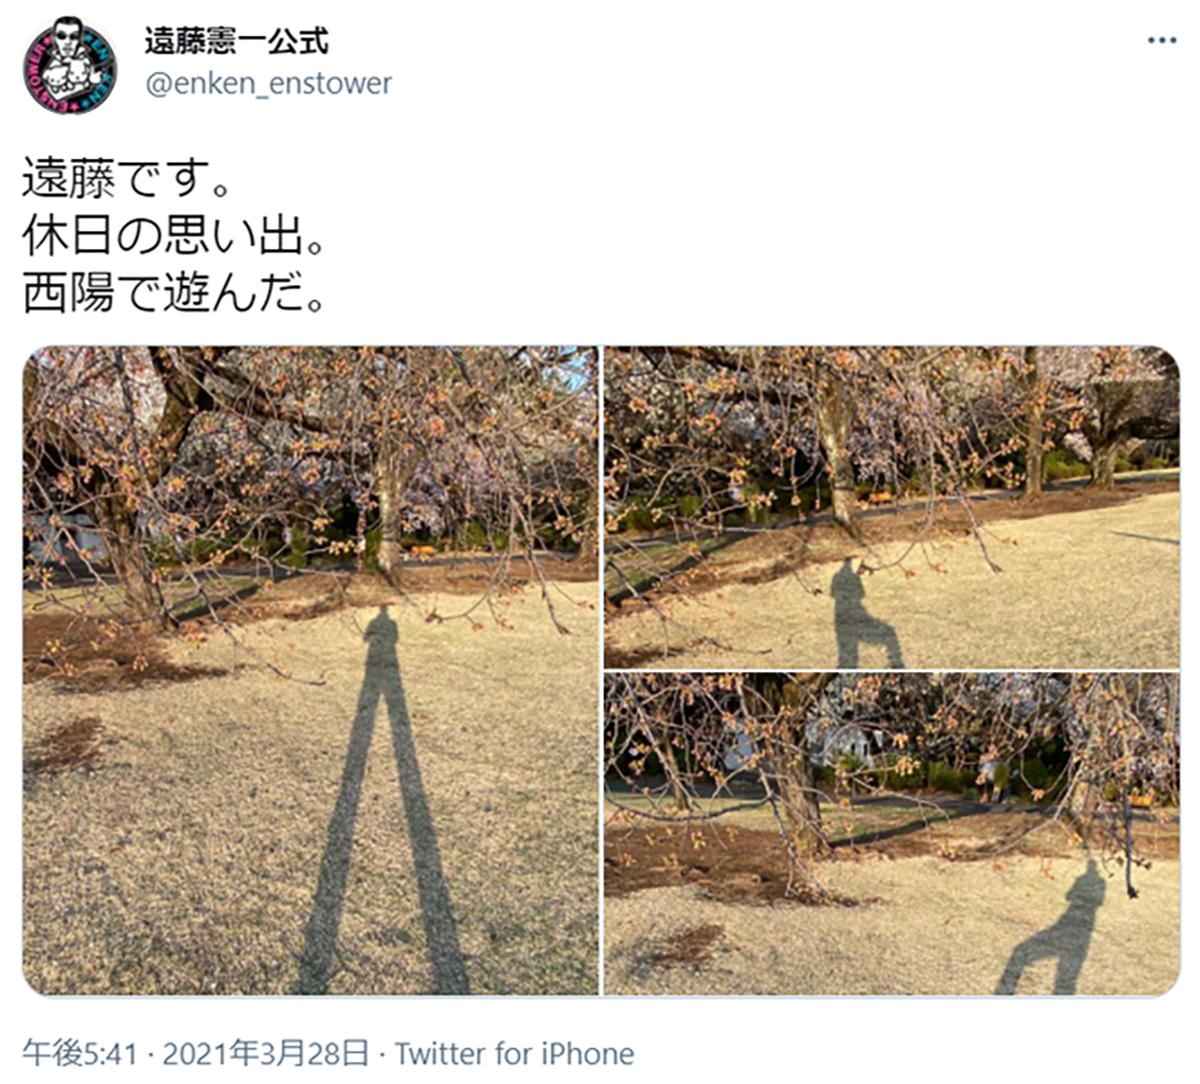 遠藤憲一がリアル足長おじさん? 休日の影遊び写真にファンほっこり